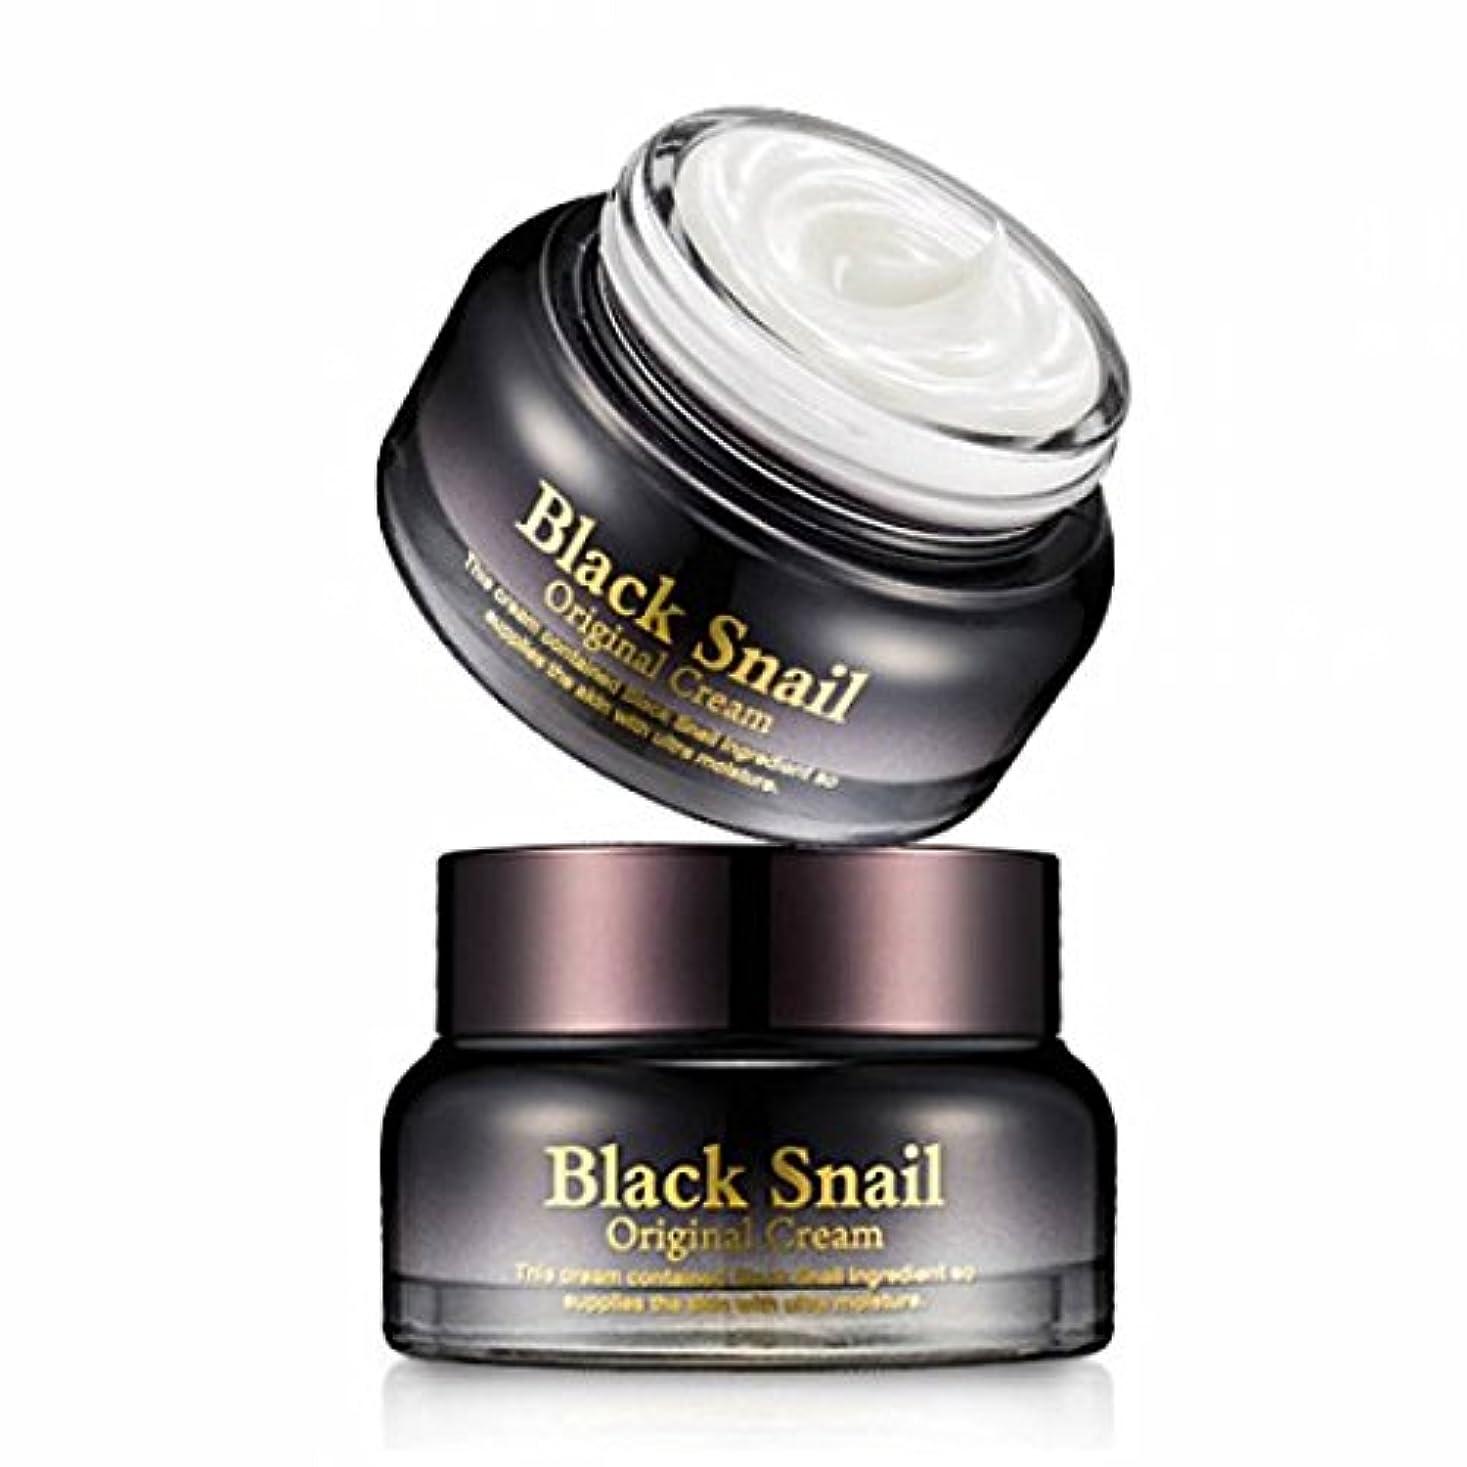 ヒステリックビクター冊子シークレットキー [韓国コスメ Secret Key] ブラックスネイル オリジナルクリーム Secret Key Black Snail Original Cream [並行輸入品]